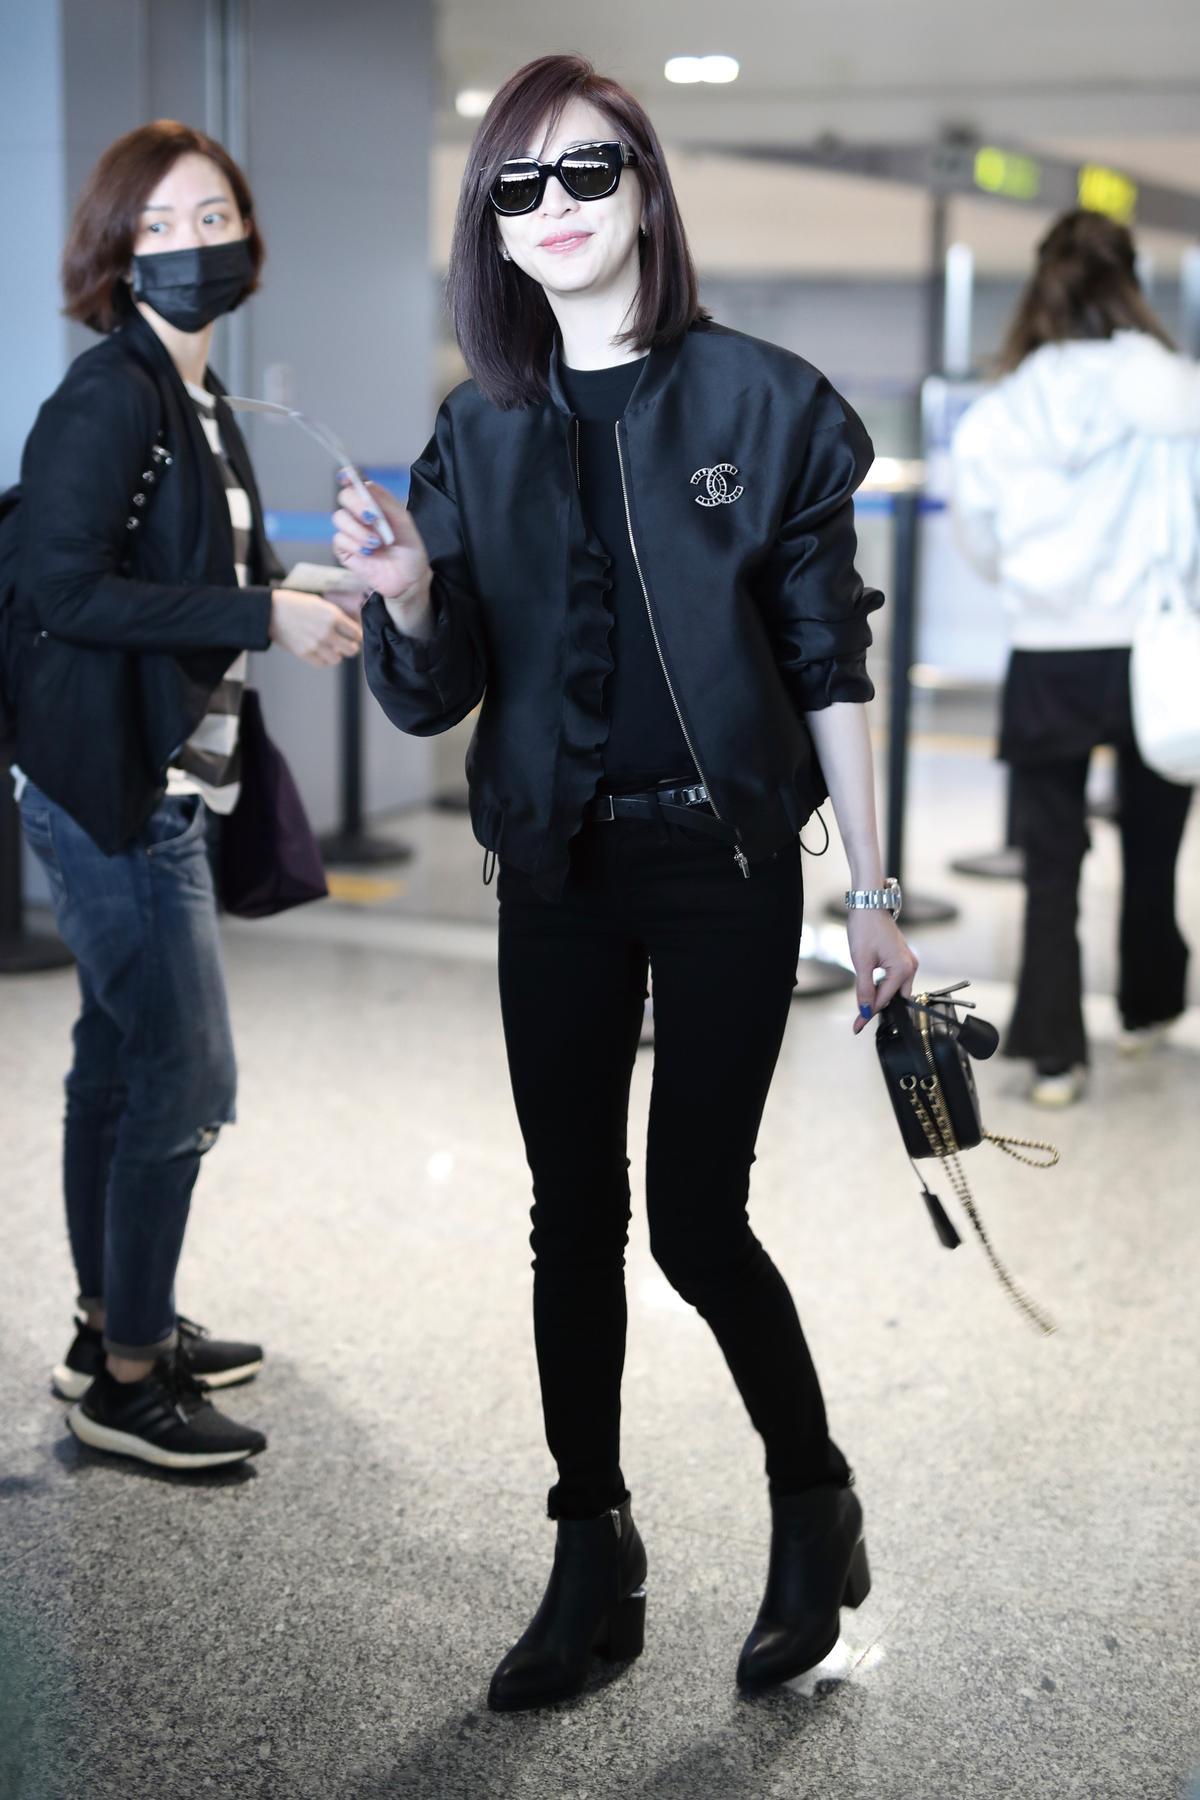 王心凌,個頭嬌小的王心凌,一身黑色的酷酷打扮現身機場,她穿著CHANEL夾克、同色系牛仔褲與短靴,手拎鍊帶小包,簡潔好看,一點也不拖泥帶水。